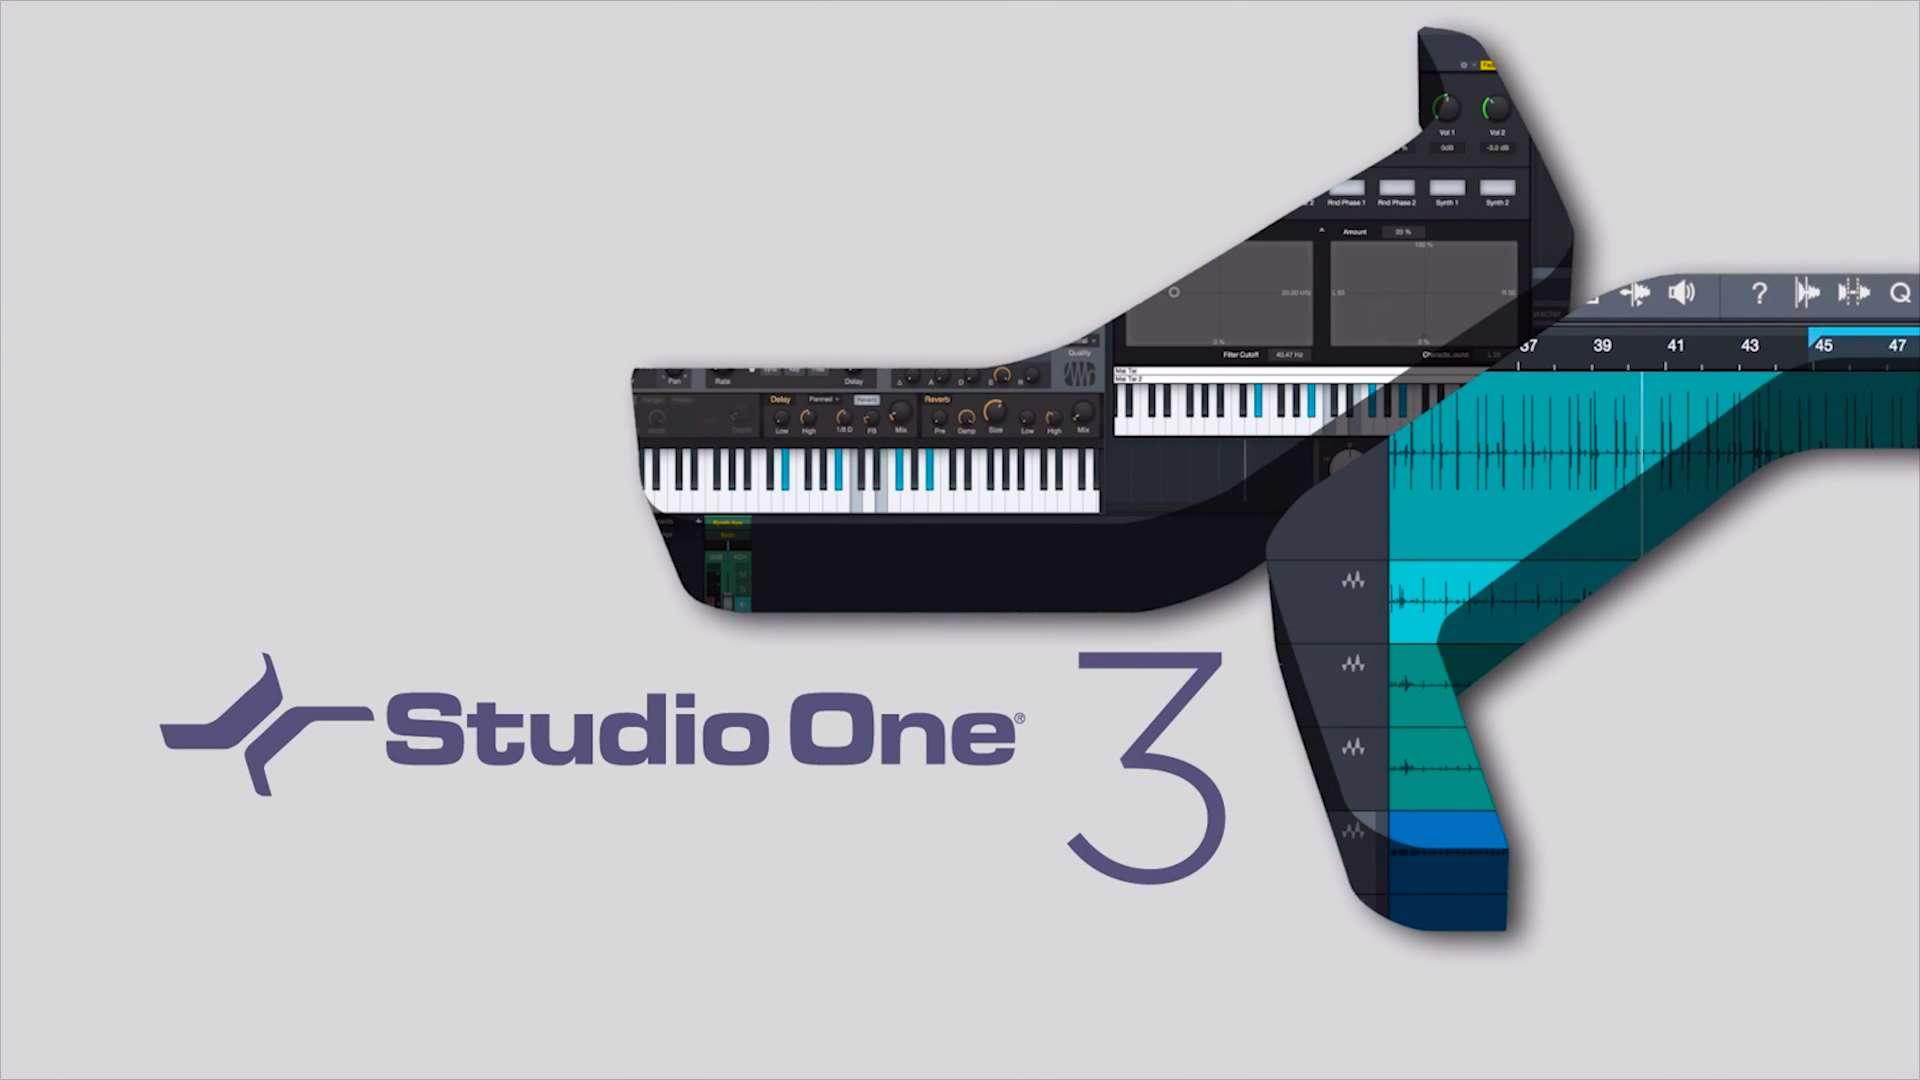 دانلود برنامه تدوین صوت به صورت حرفه ای Presonus Studio One Pro 3.2.3.38191